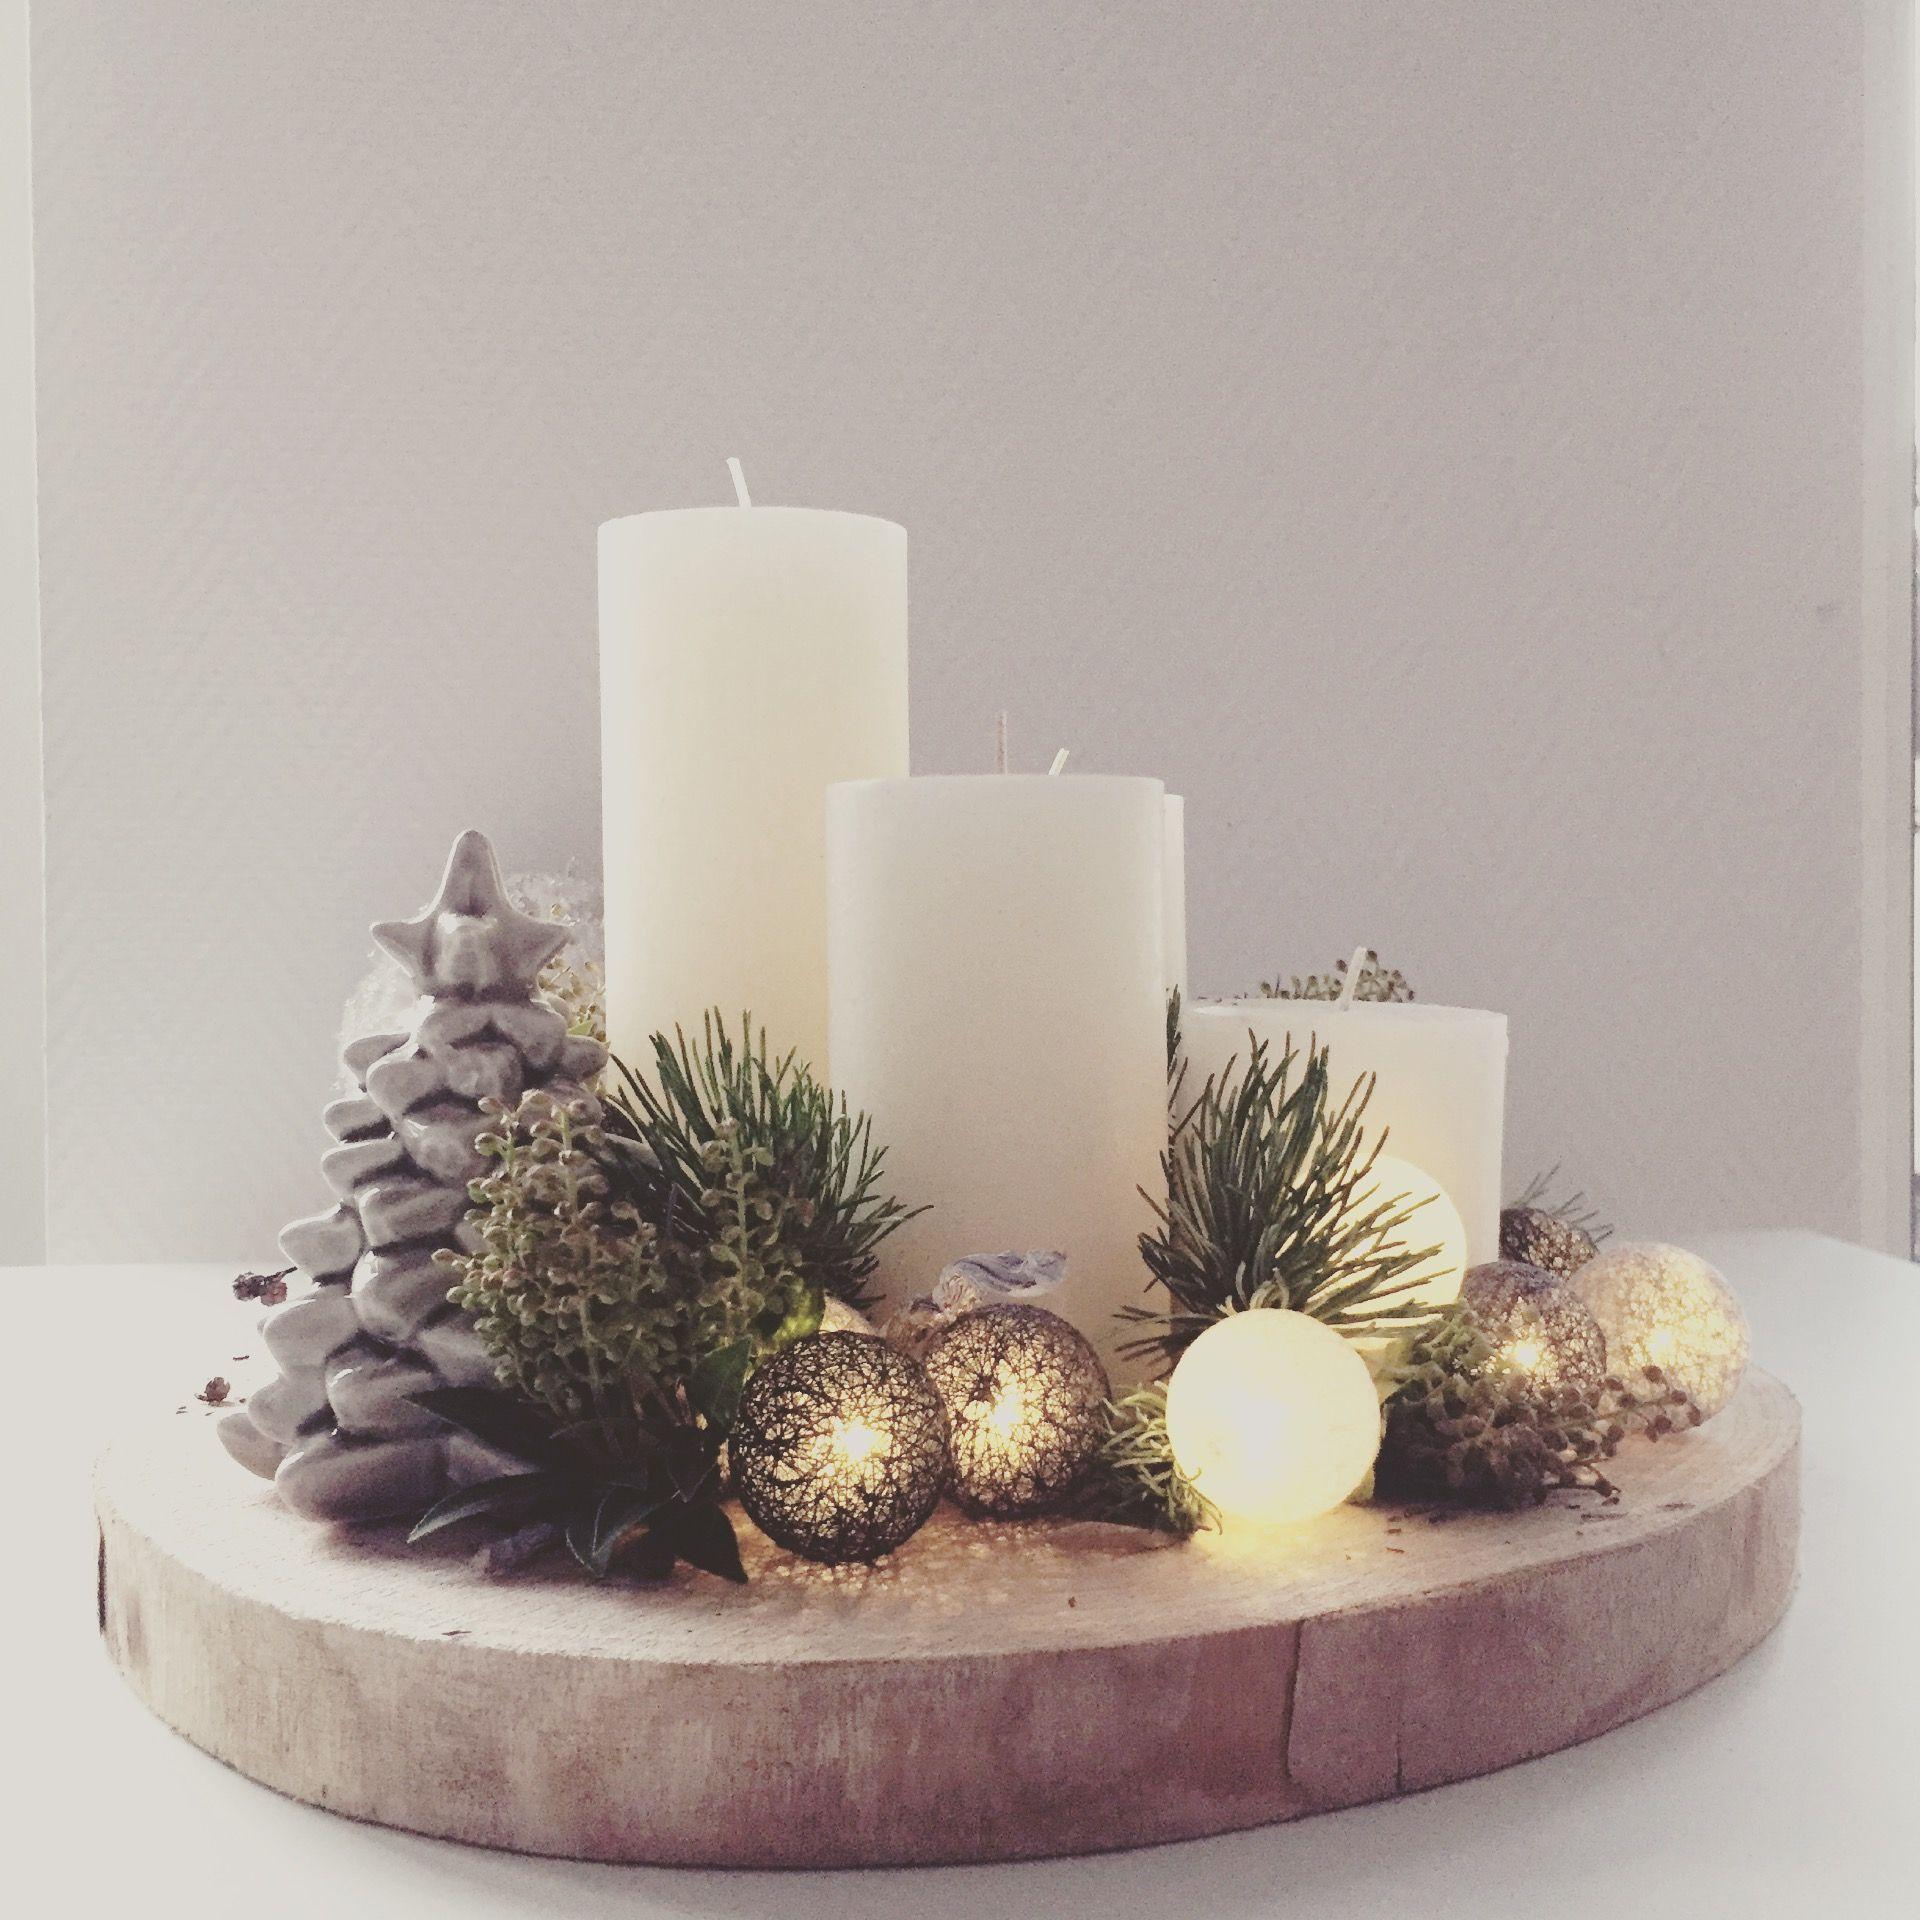 My DIY Christmas Wreath. #baumscheibendekoweihnachten My DIY Christmas Wreath. #kerstideeën